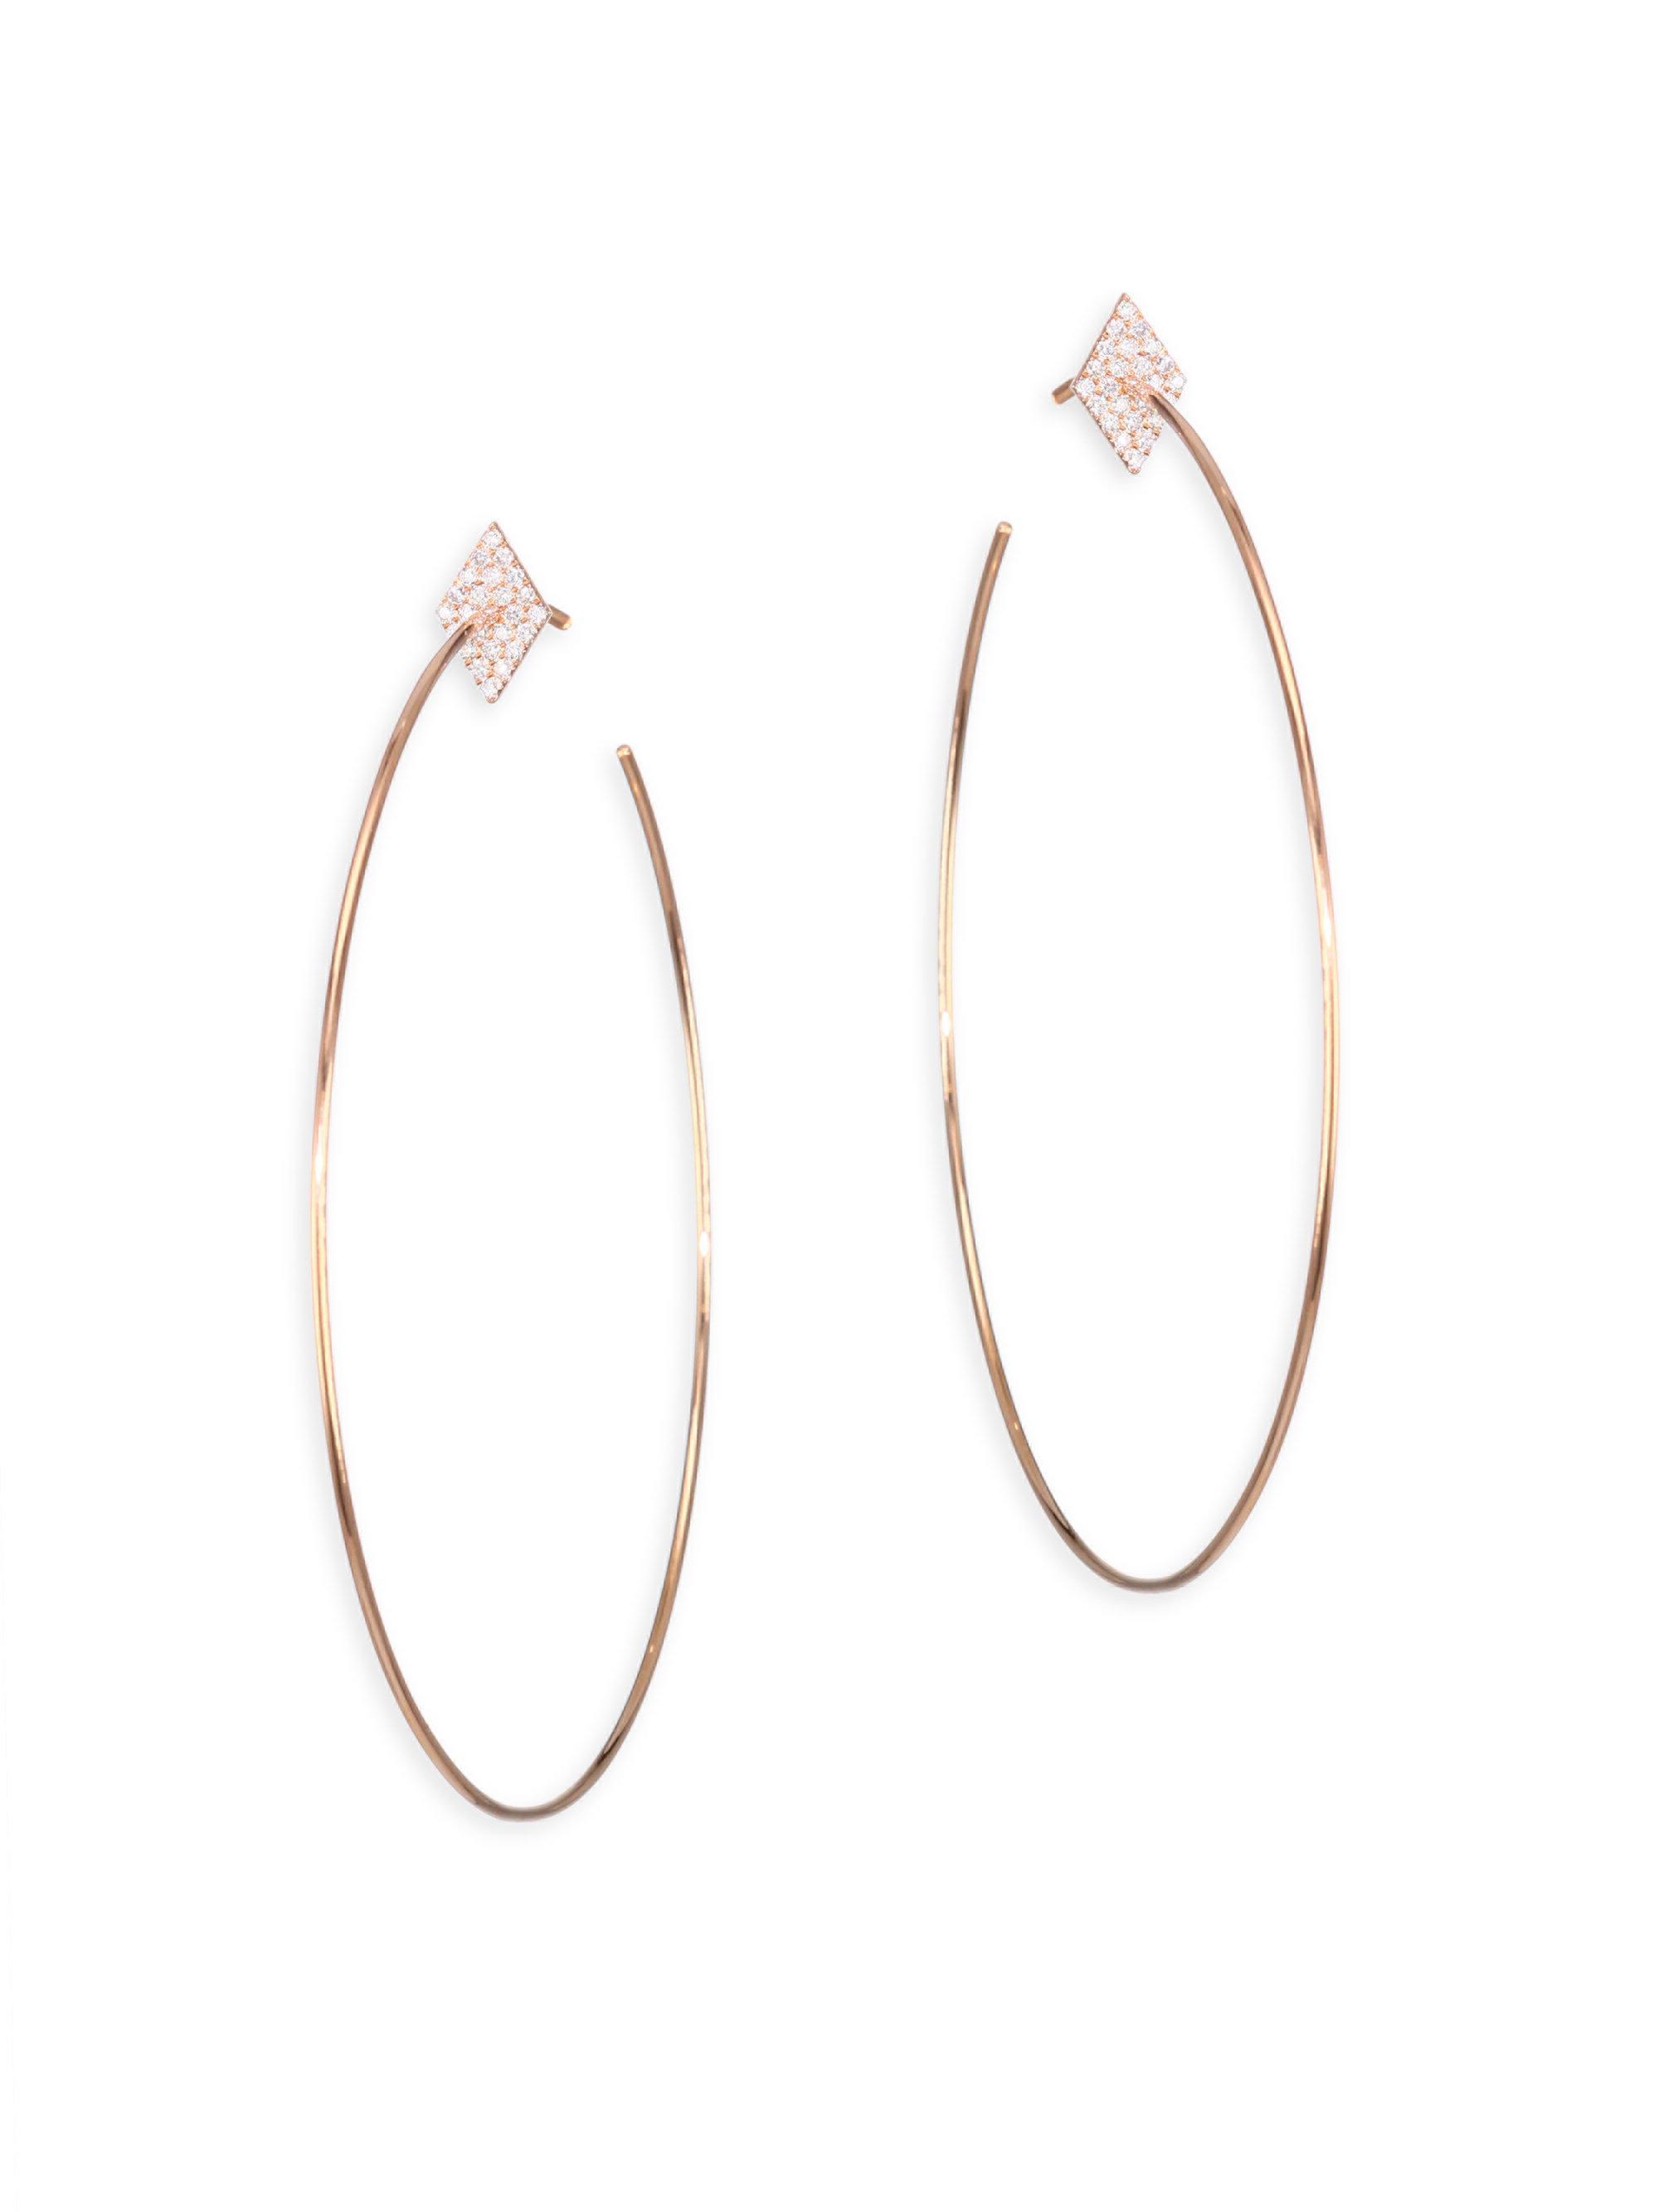 Diane Kordas star hoop earrings - Metallic eOXpDUX0j